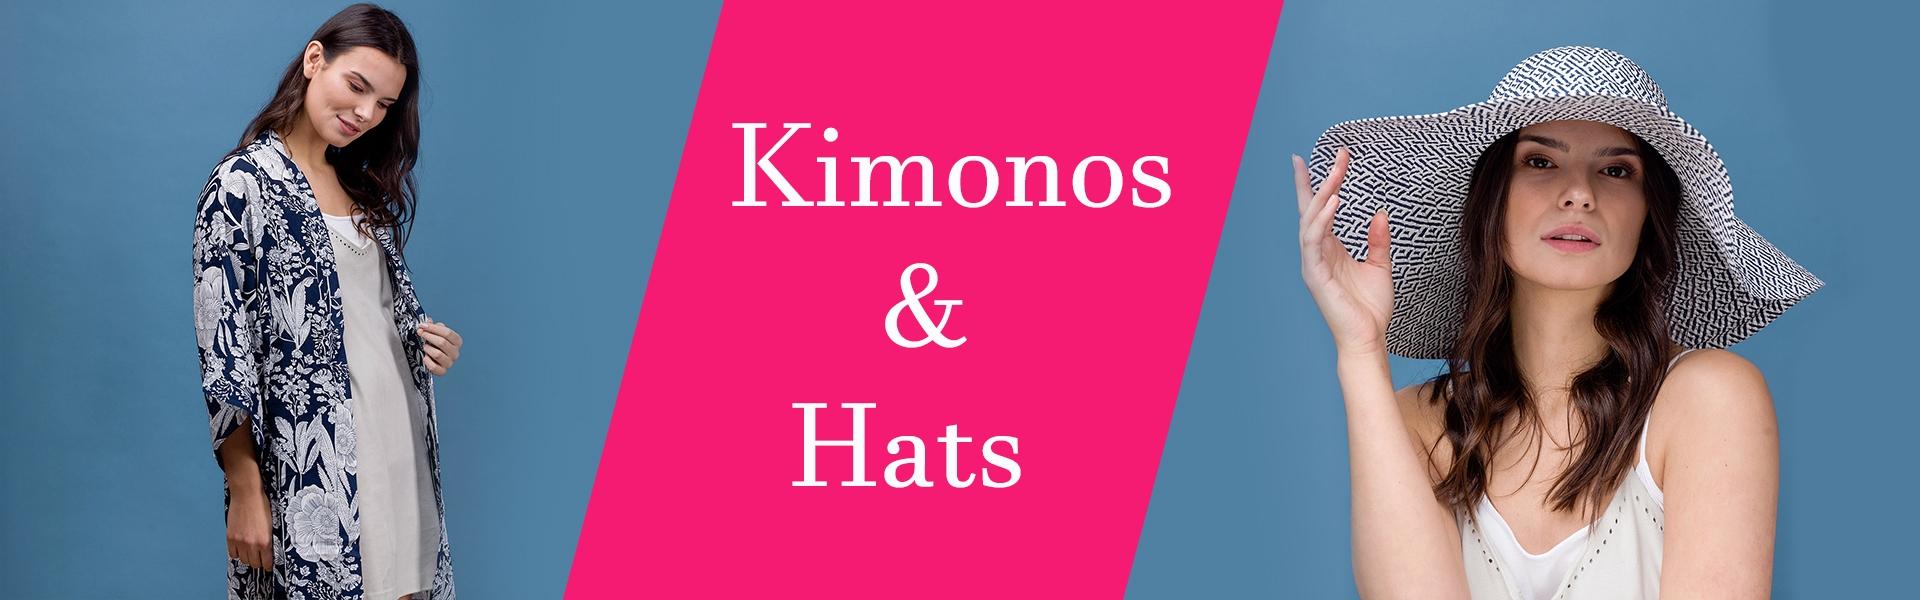 Kimonos & Hats